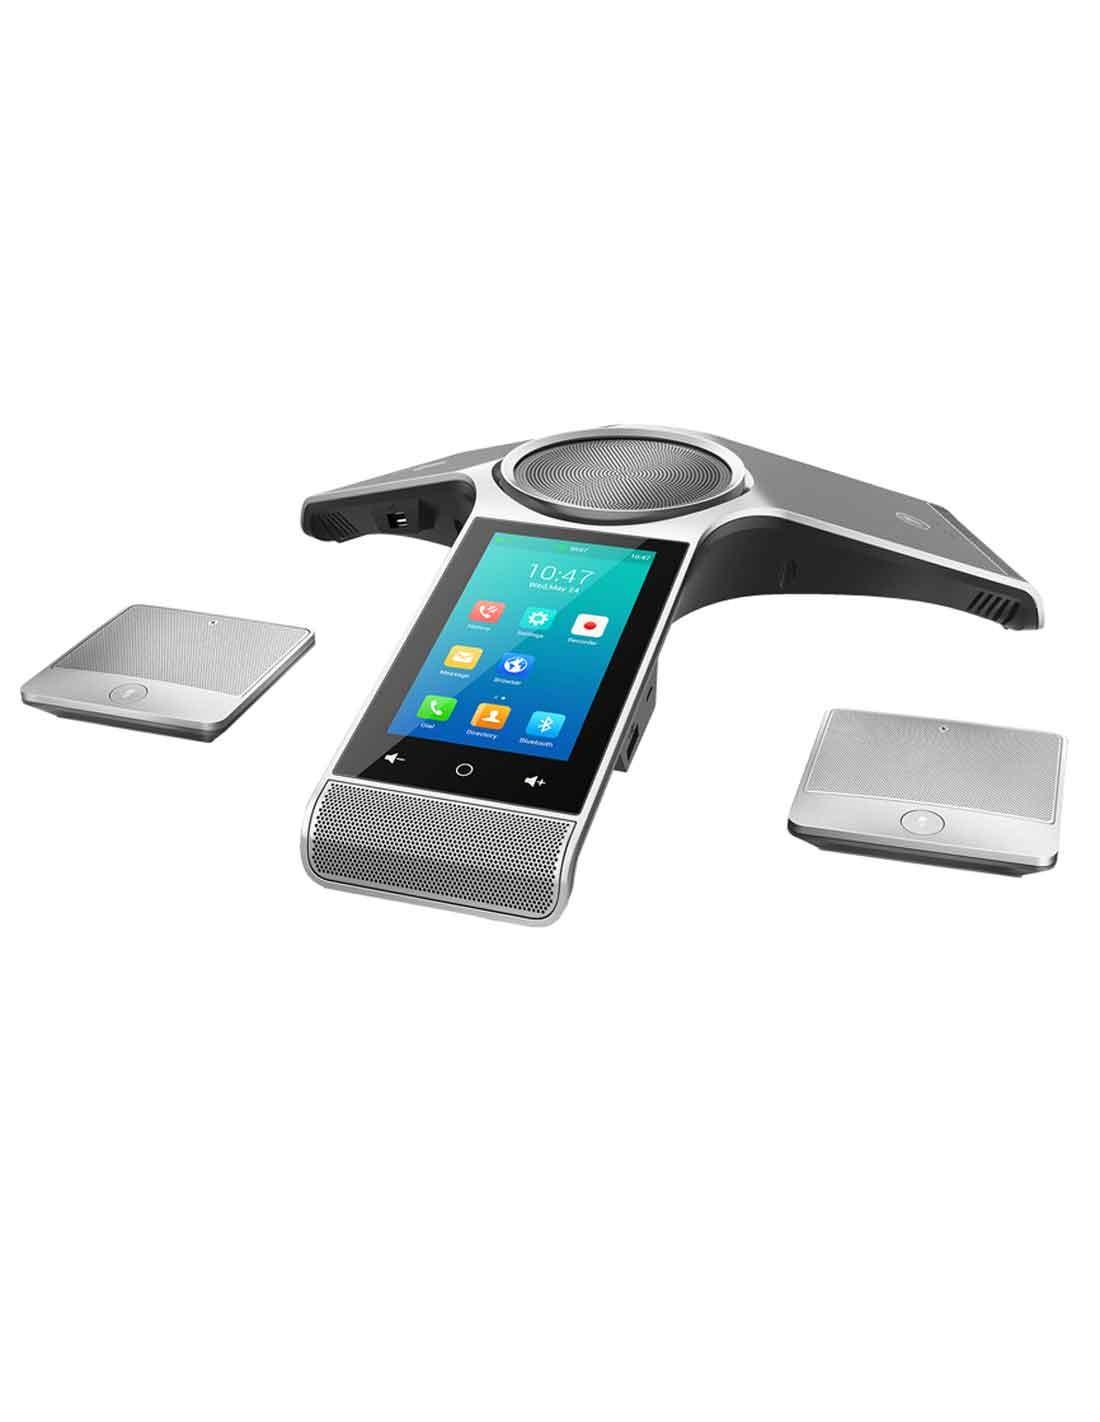 Yealink CP960-WirelessMic IP Phone Dubai Online Store